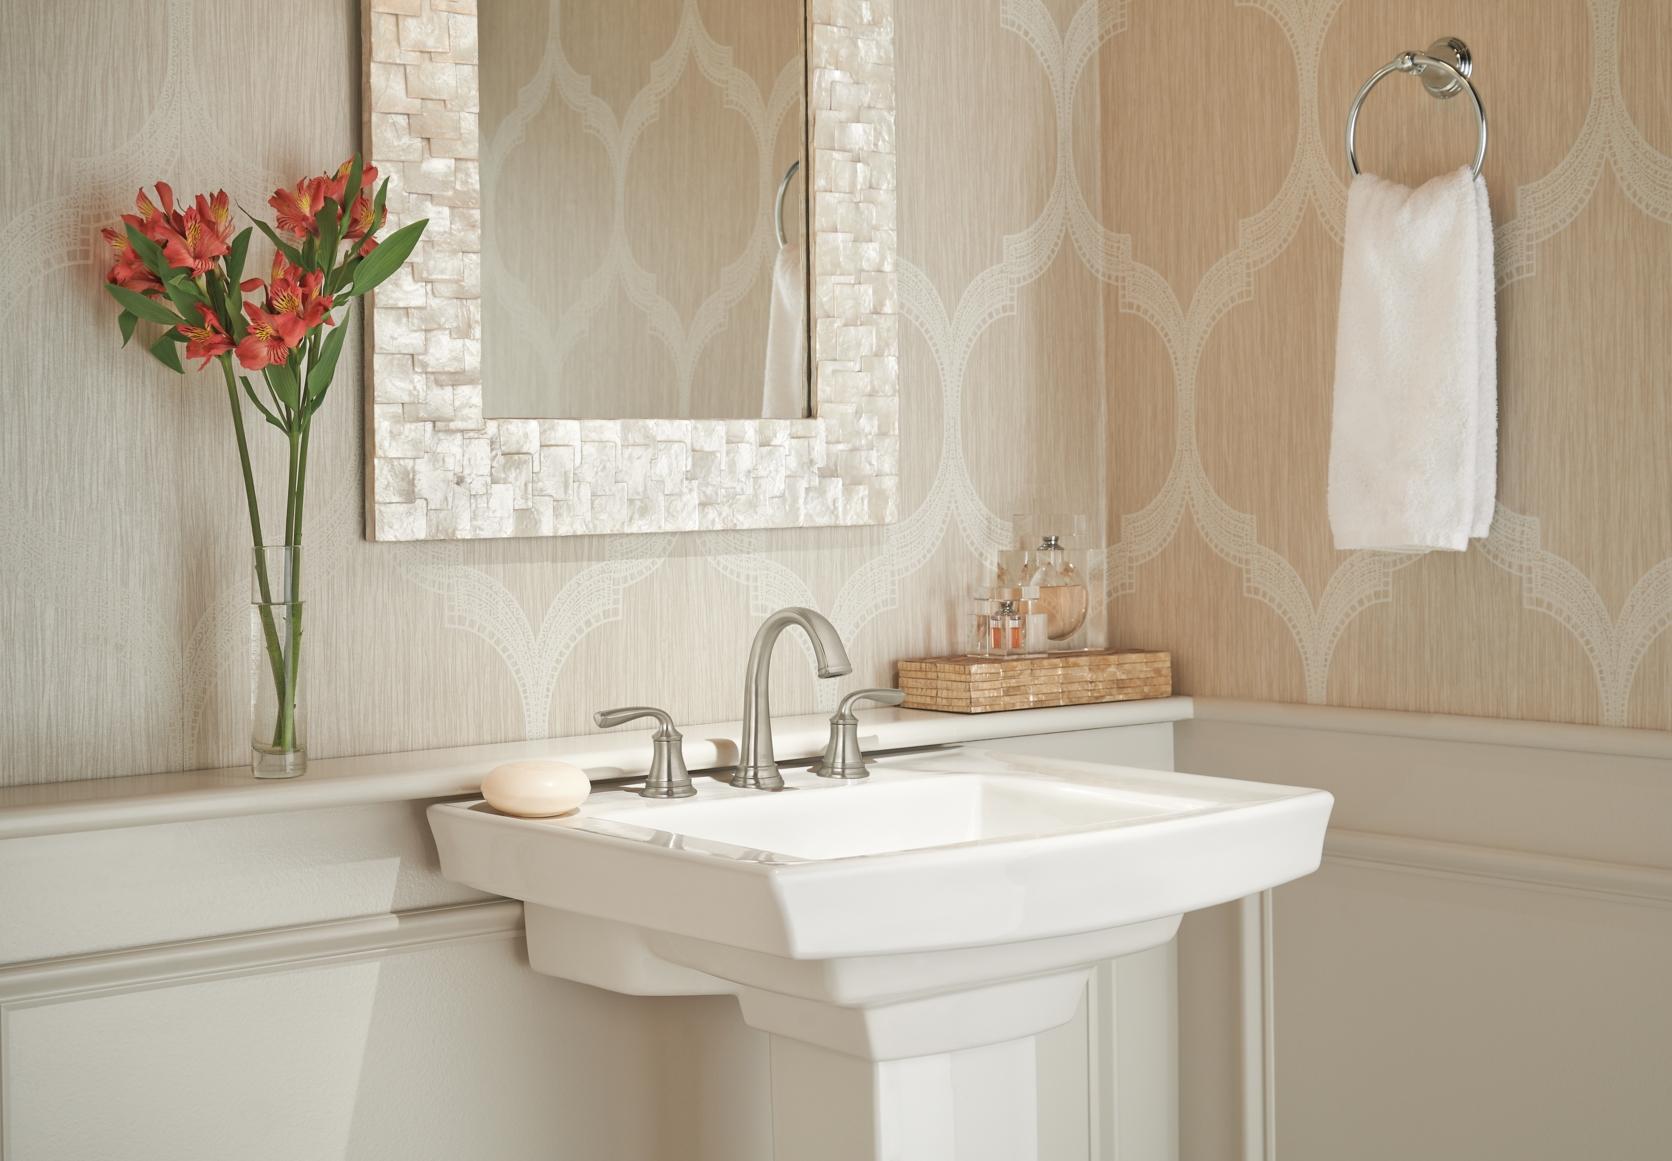 Ideas, delta lorain deck mount tub faucet delta lorain deck mount tub faucet lorain bathroom collection 1672 x 1161  .